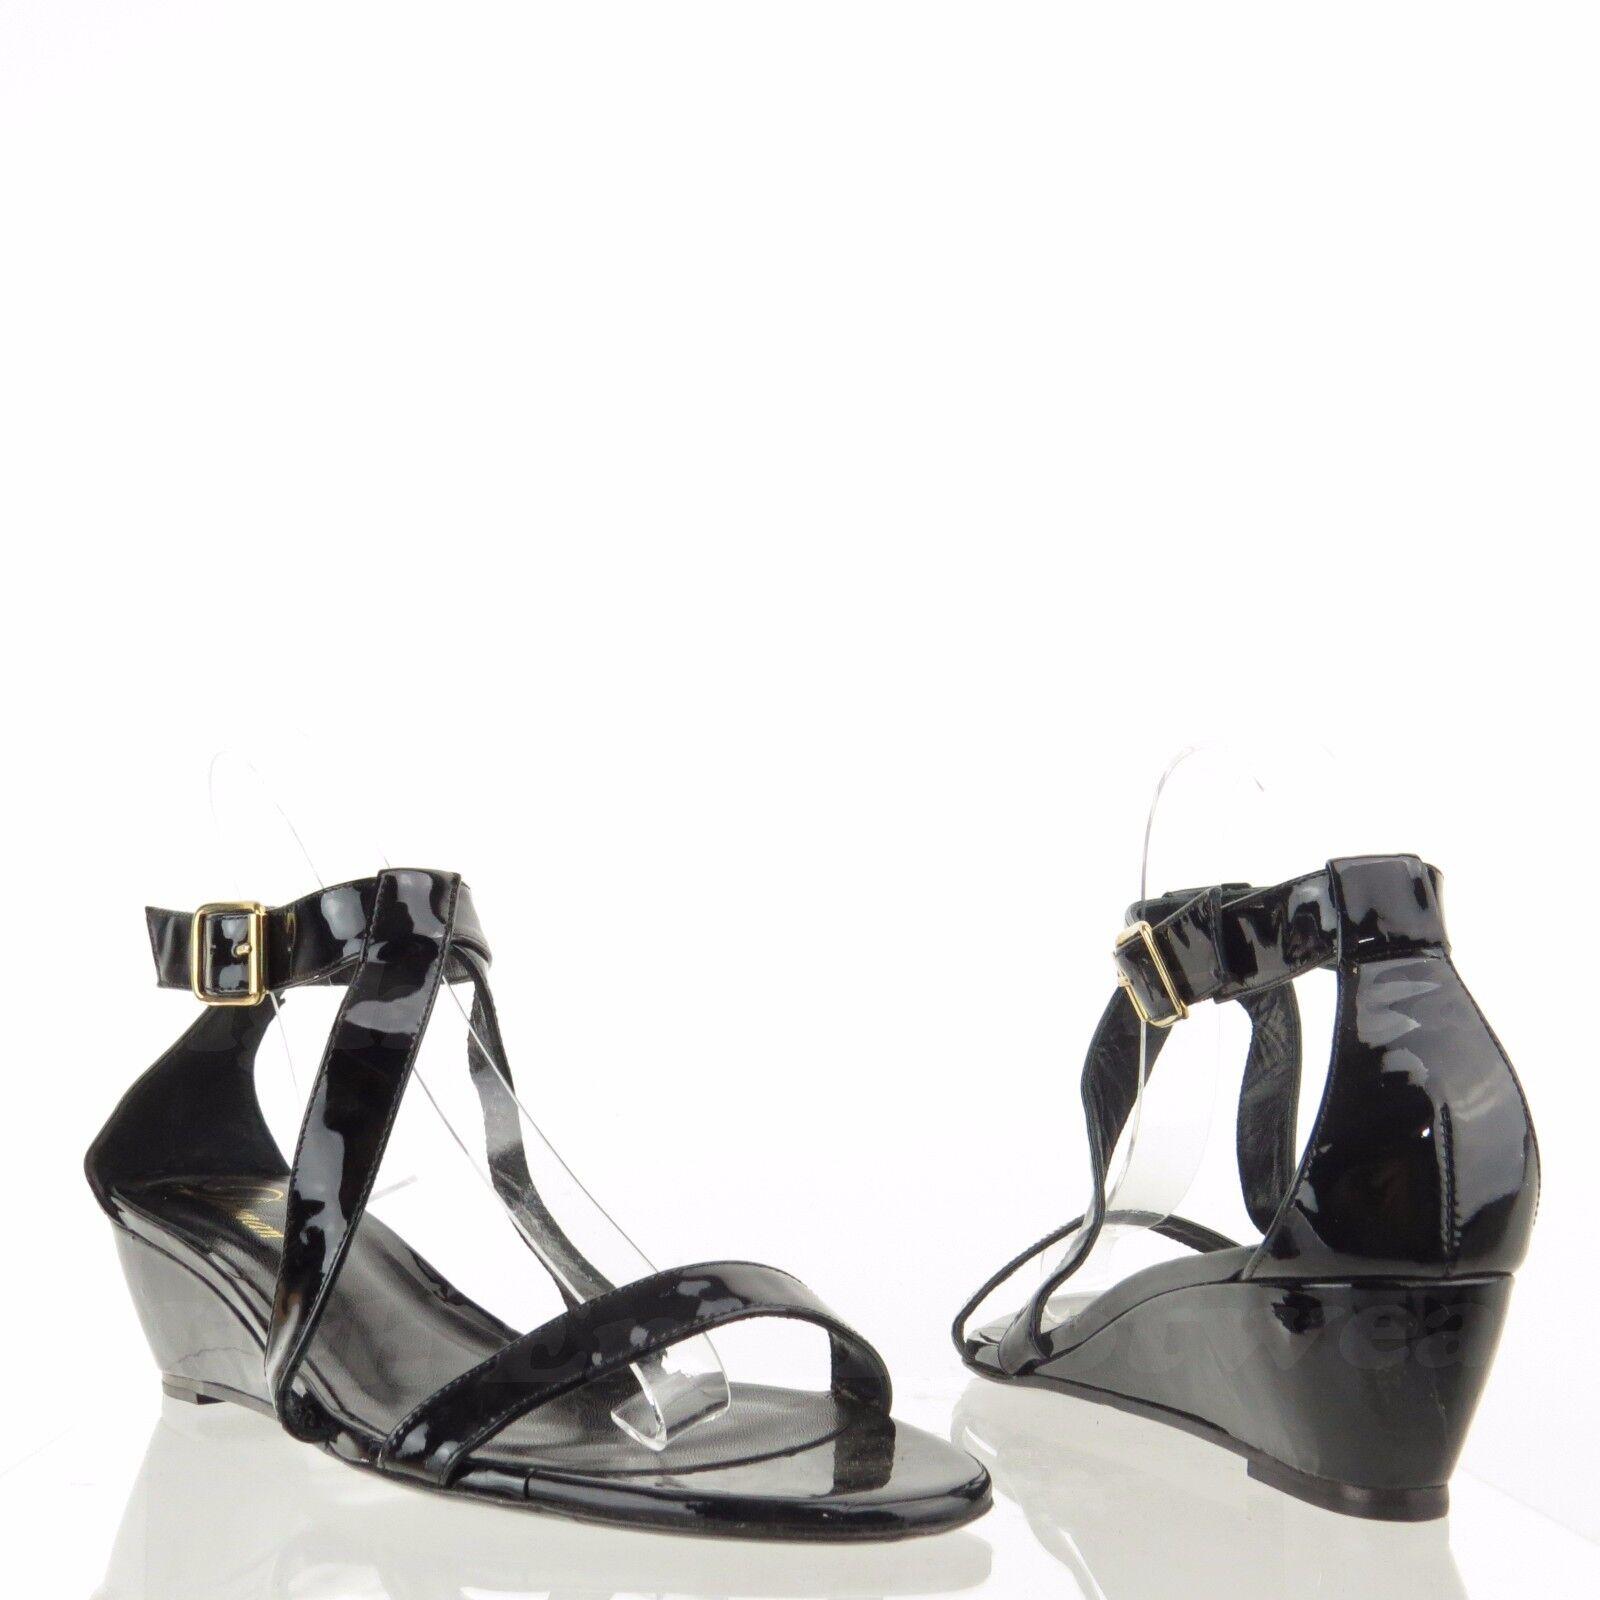 la migliore moda Delman Caryn Caryn Caryn Donna  nero Strappy Patent Leather Sandal Wedges Sz 10 M NEW  378  migliore qualità